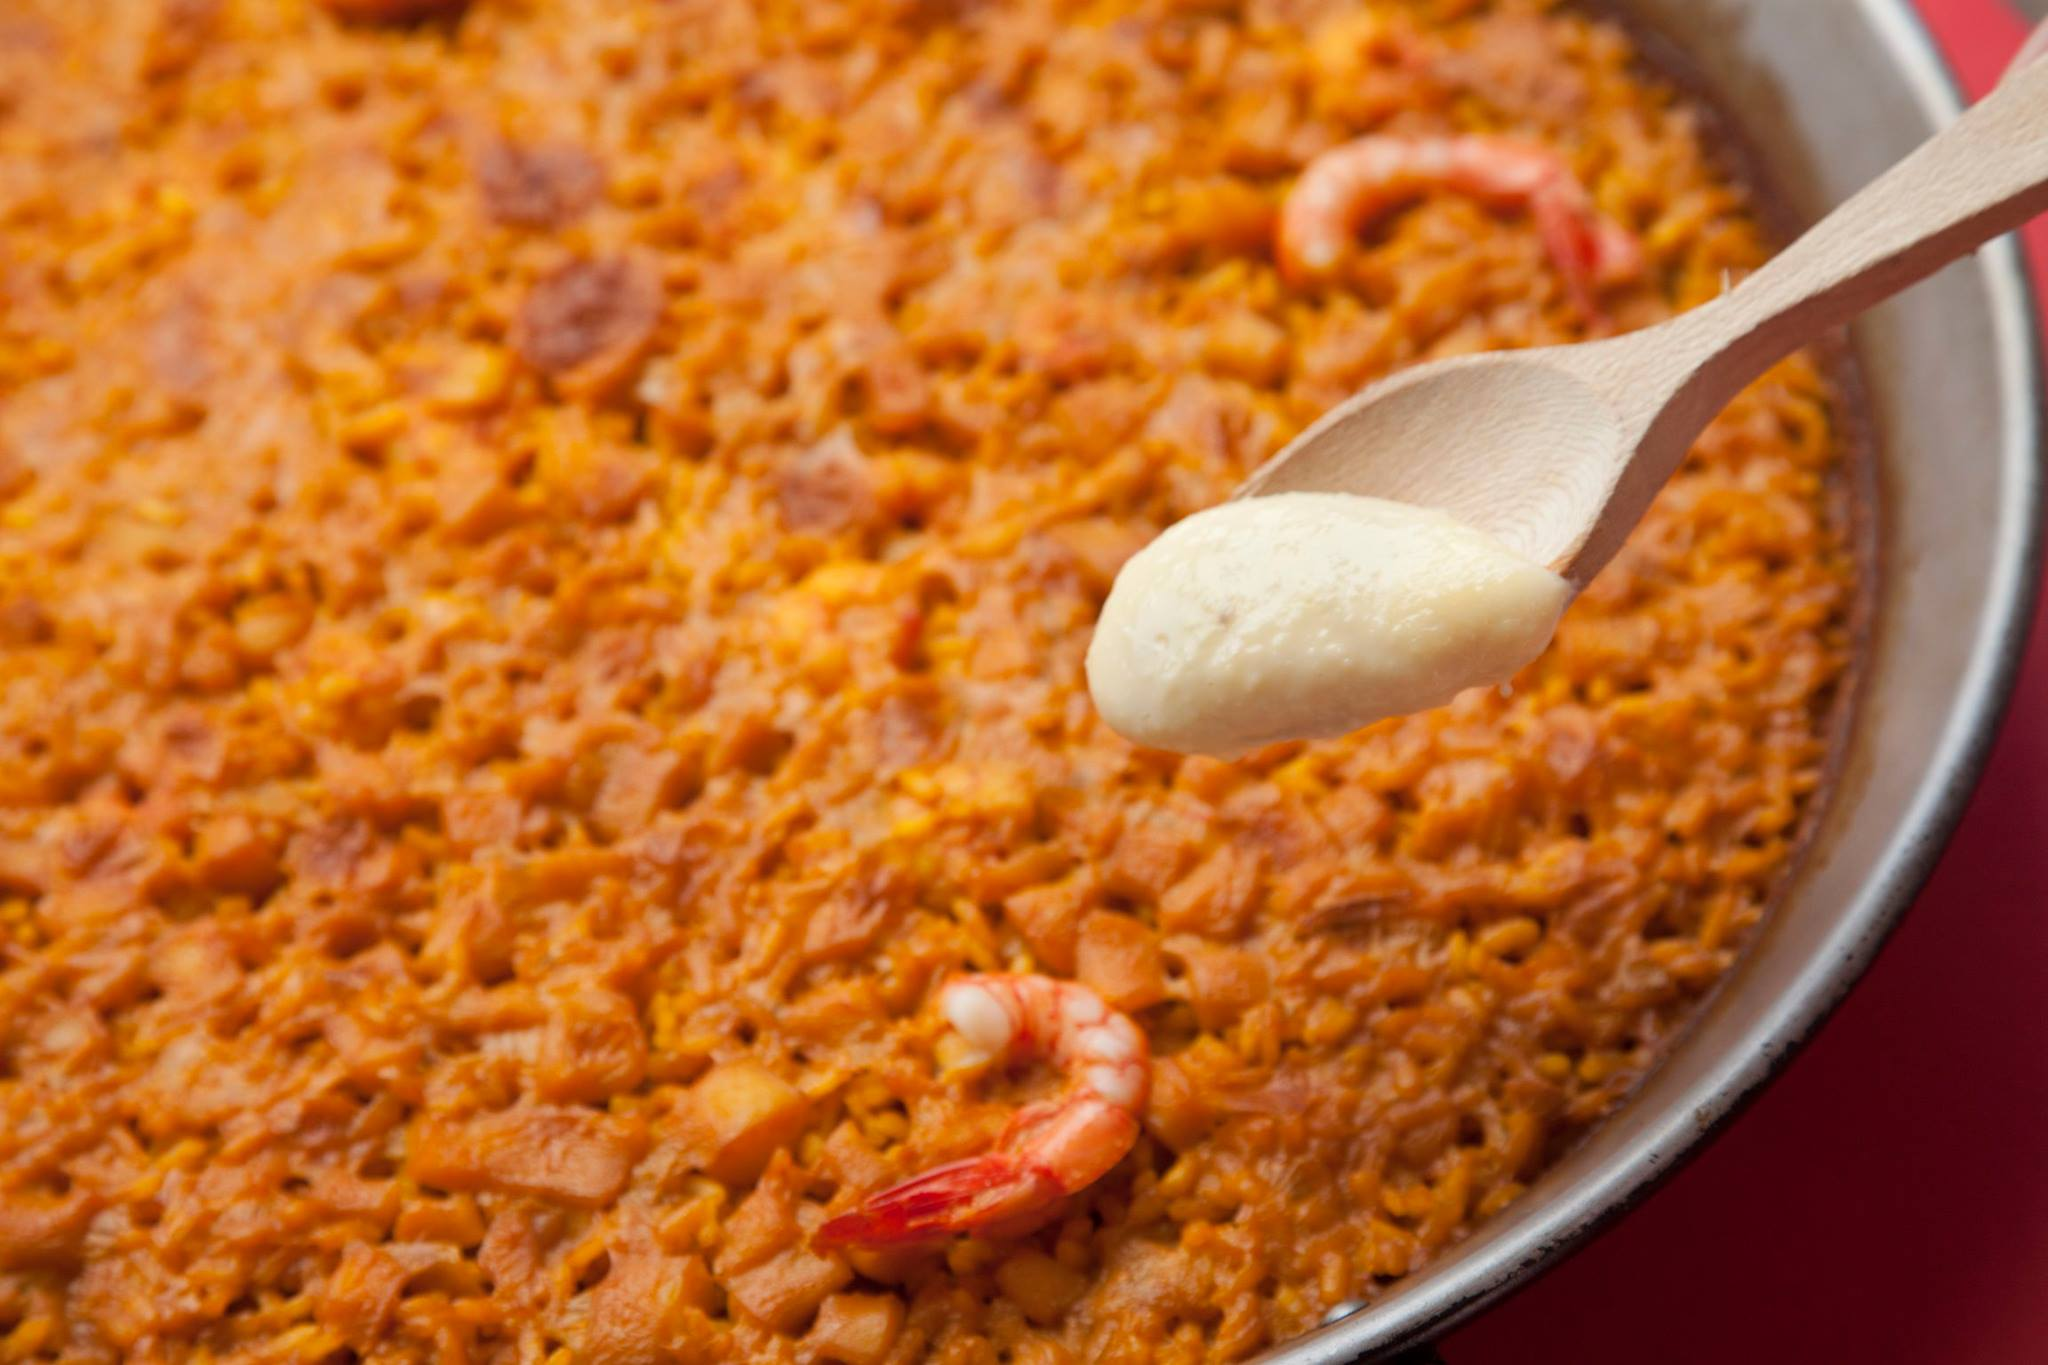 restaurante para reuniones de empresa en valencia - paella de marisco